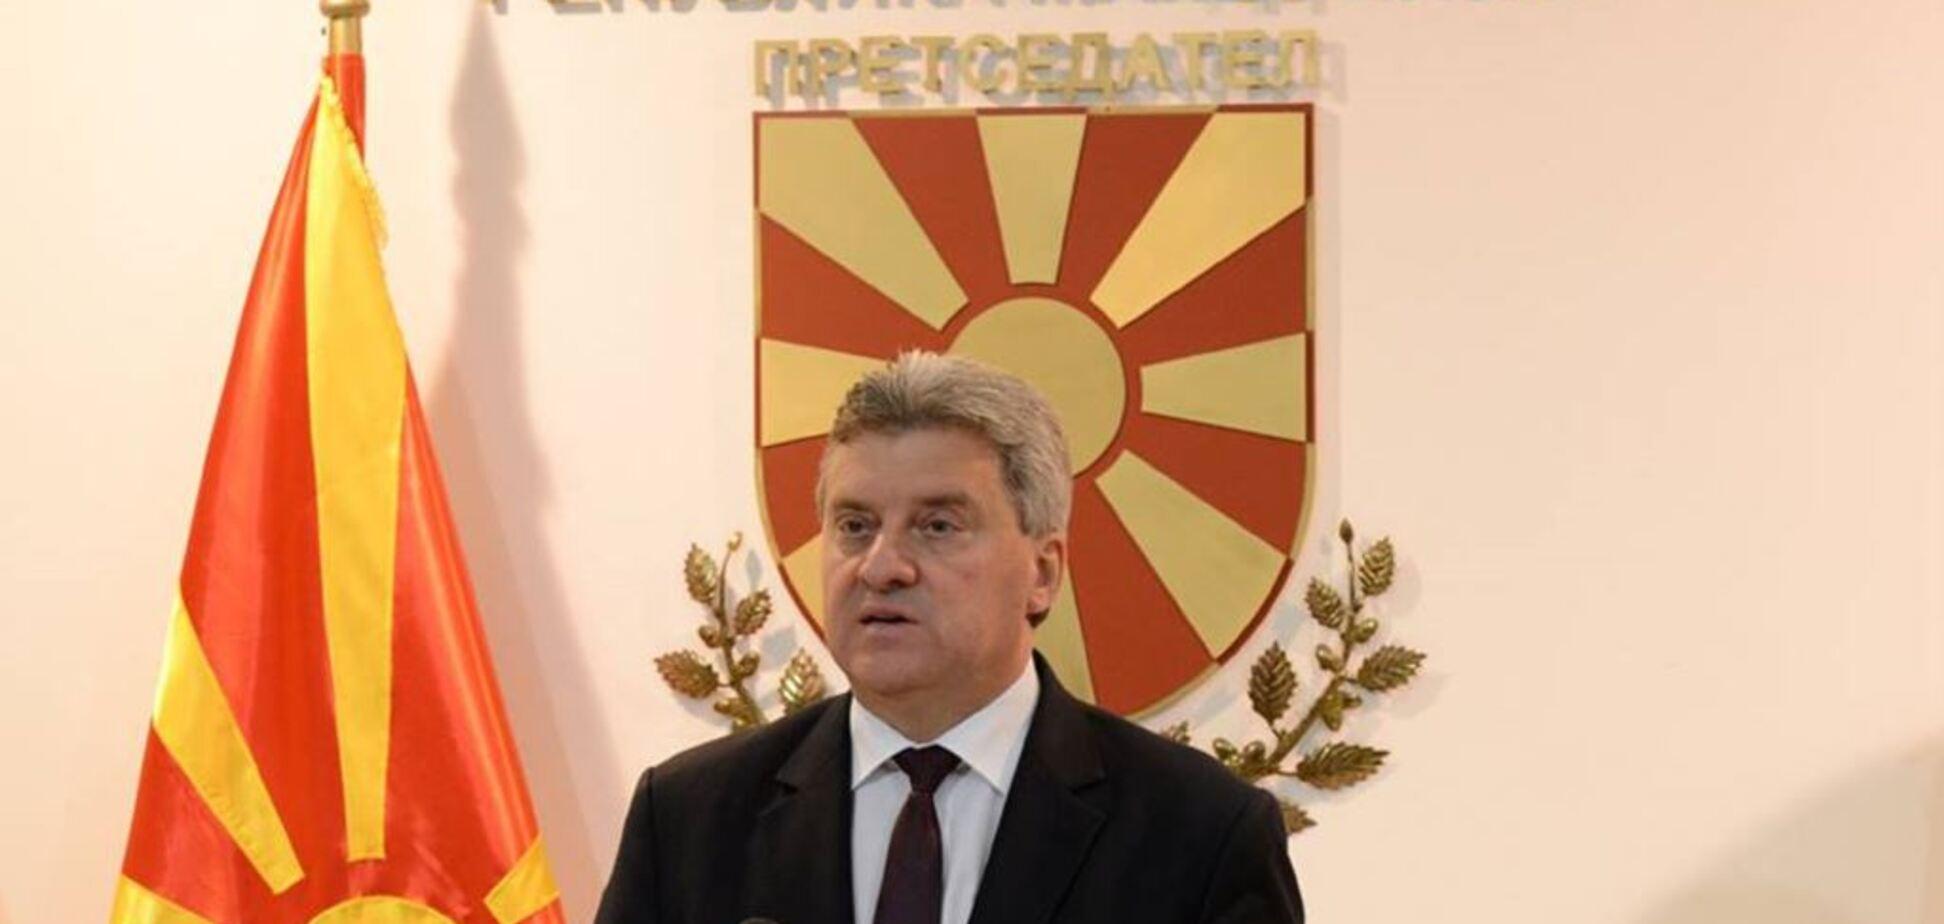 Переименование Македонии: президент выступил с заявлением